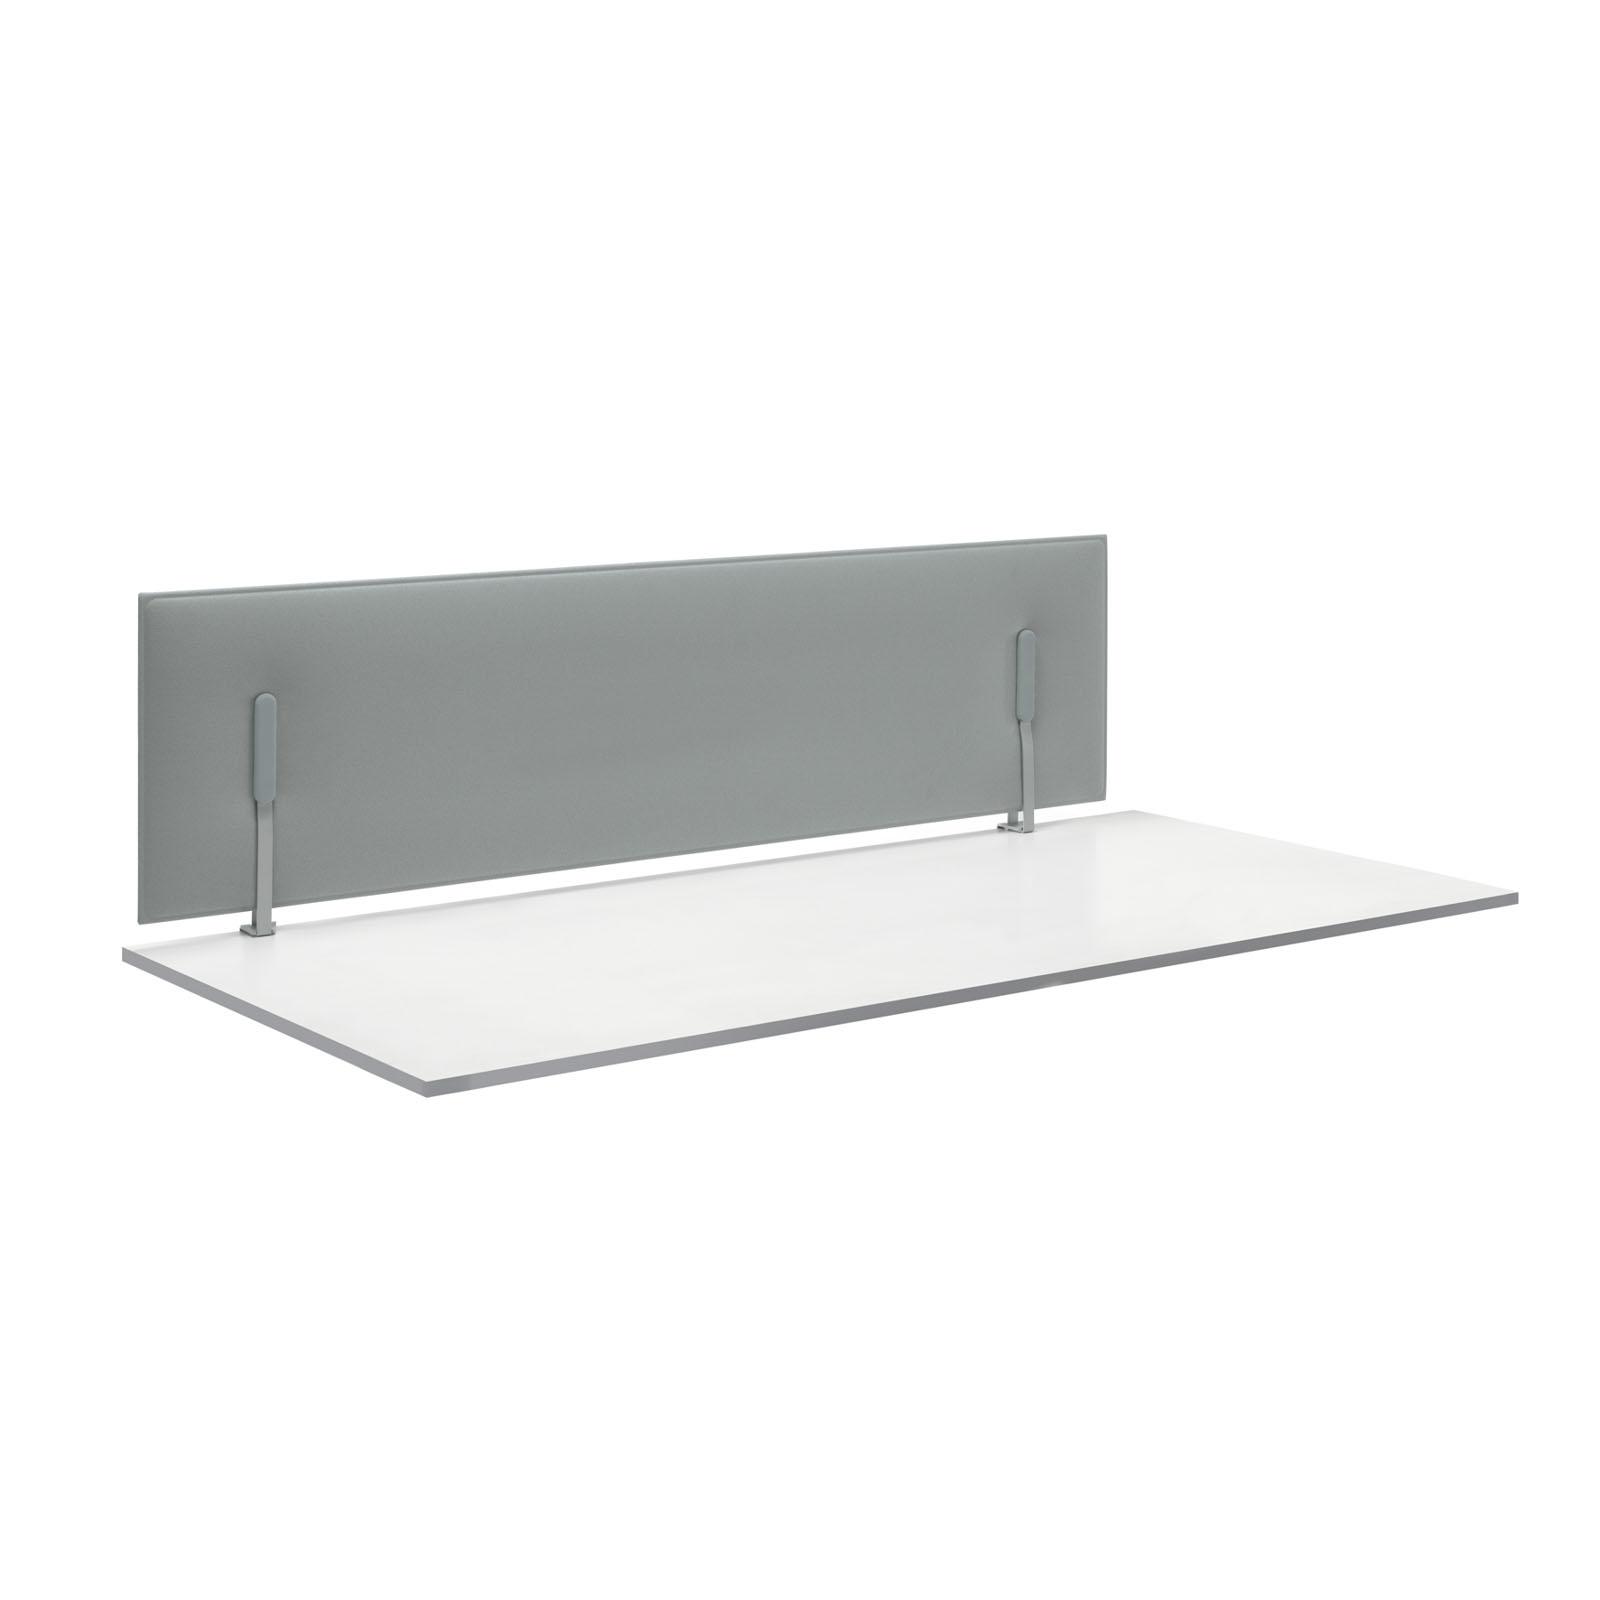 CAIMI Caimi Mitesco Desk - Gamme de panneaux acoustiques pour bureaux